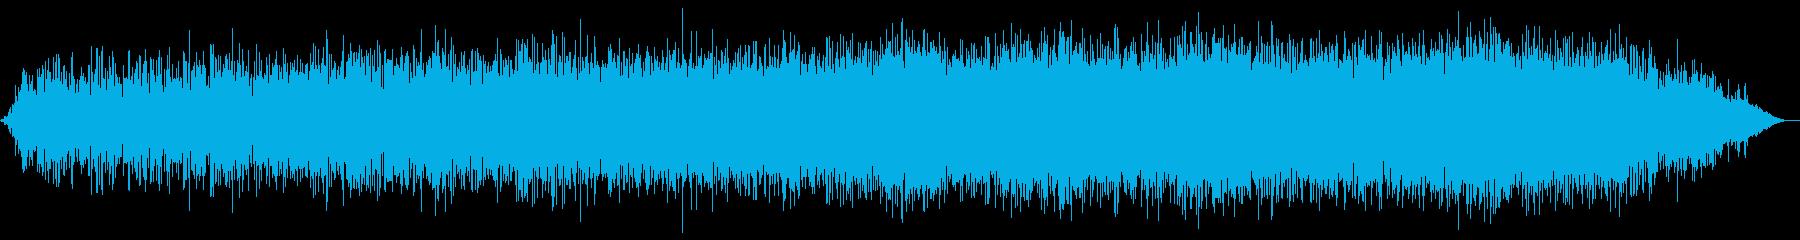 ヒーリング向けの宇宙的アンビエントの再生済みの波形